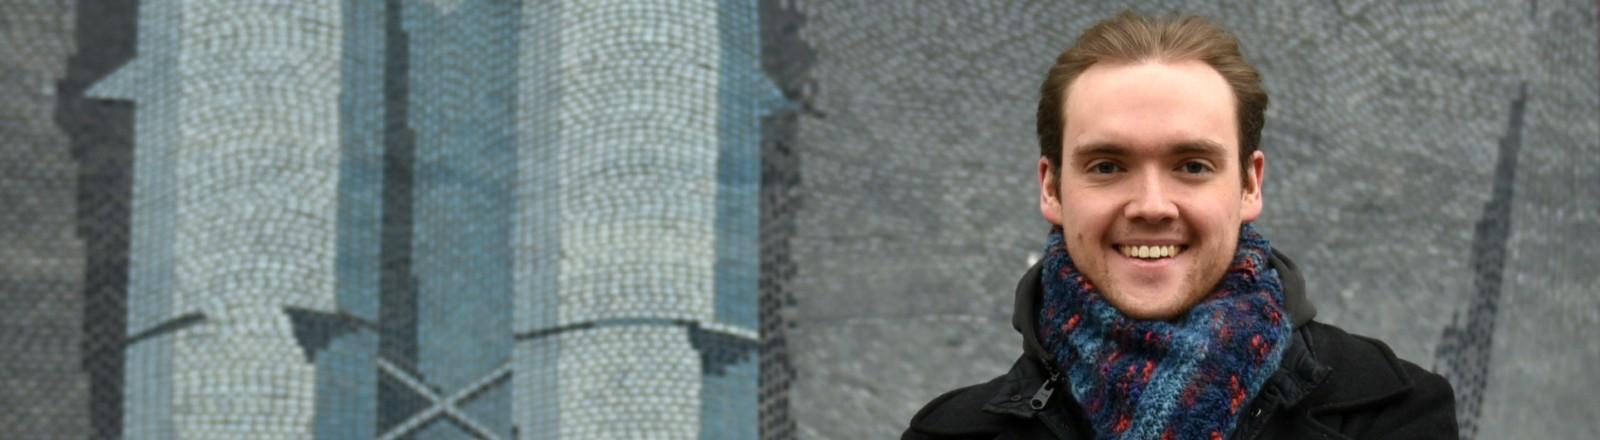 """Porträt von Denis Newiak, Doktorand der Filmwissenschaft, Autor des Buchs: """"Alles schon mal dagewesen - Was wir aus Pandemie-Filmen für die Corona-Krise lernen können"""""""